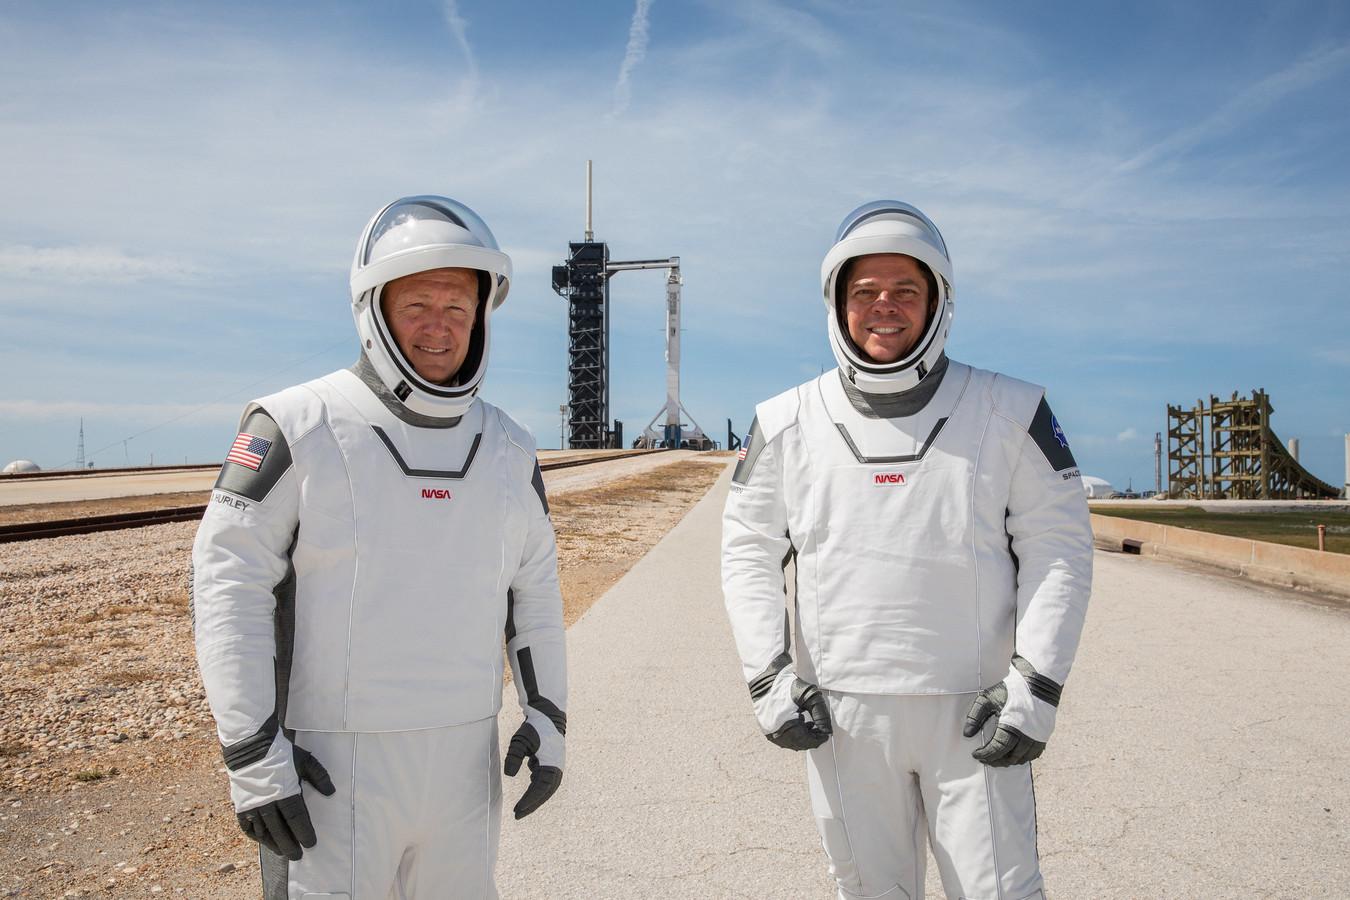 Doug Hurley en Bob Behnken aan het lanceringsplatform.